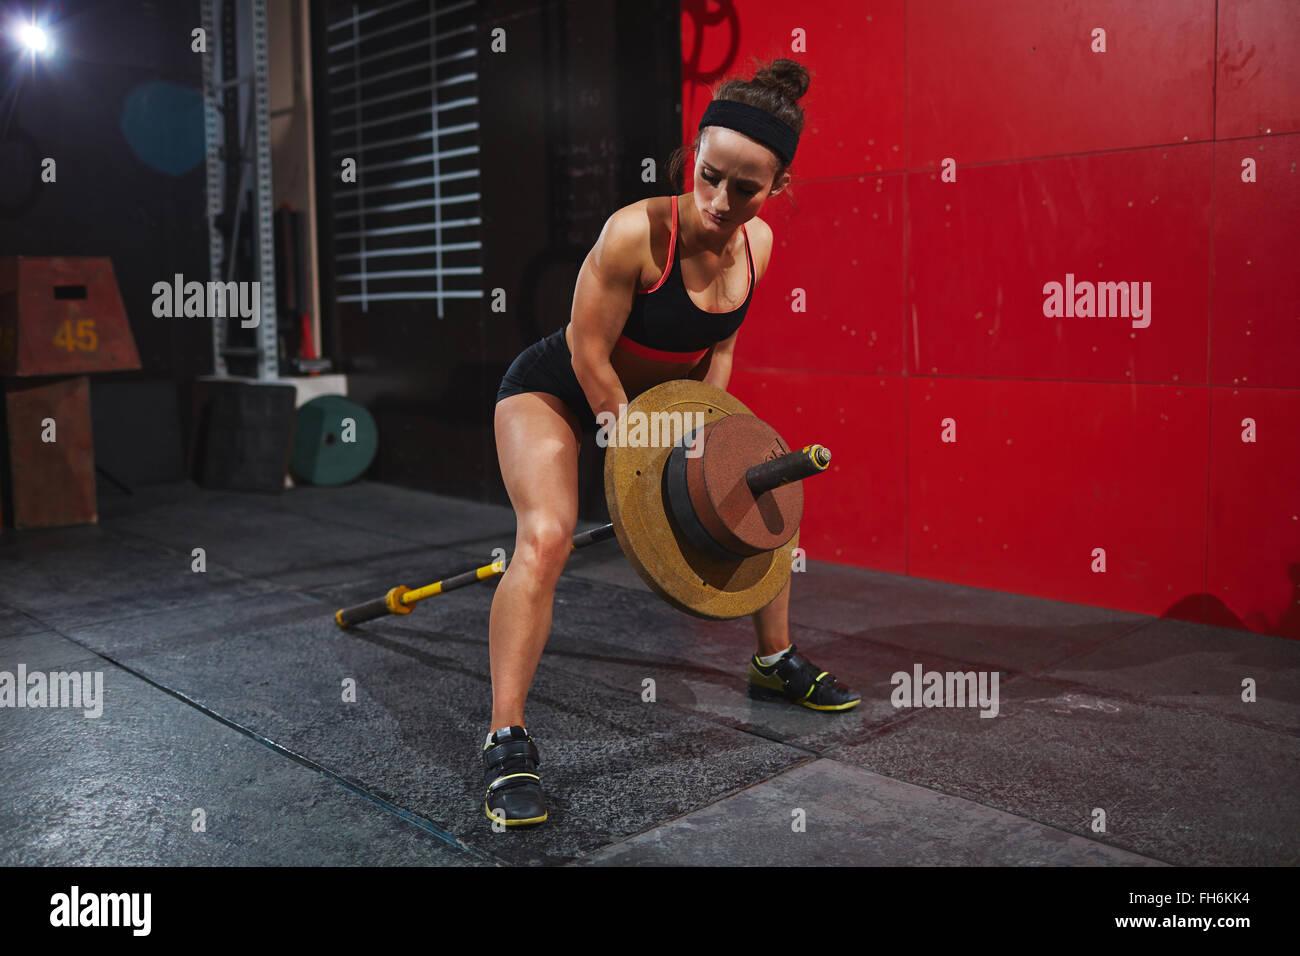 Mujer joven con sólida formación barbell pesado en el gimnasio Imagen De Stock